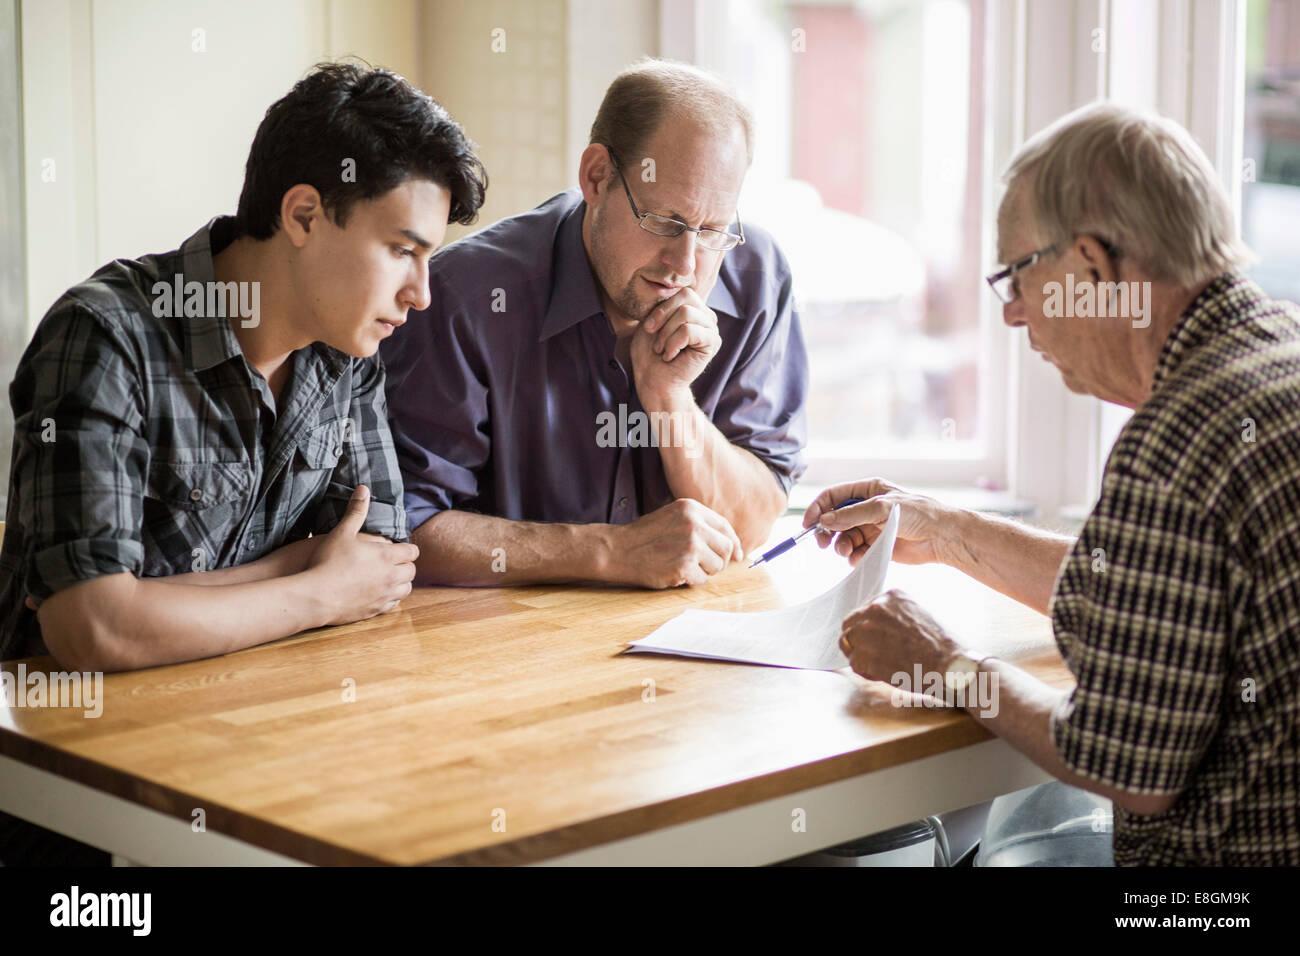 Hablando de la familia sobre los documentos en la mesa Imagen De Stock